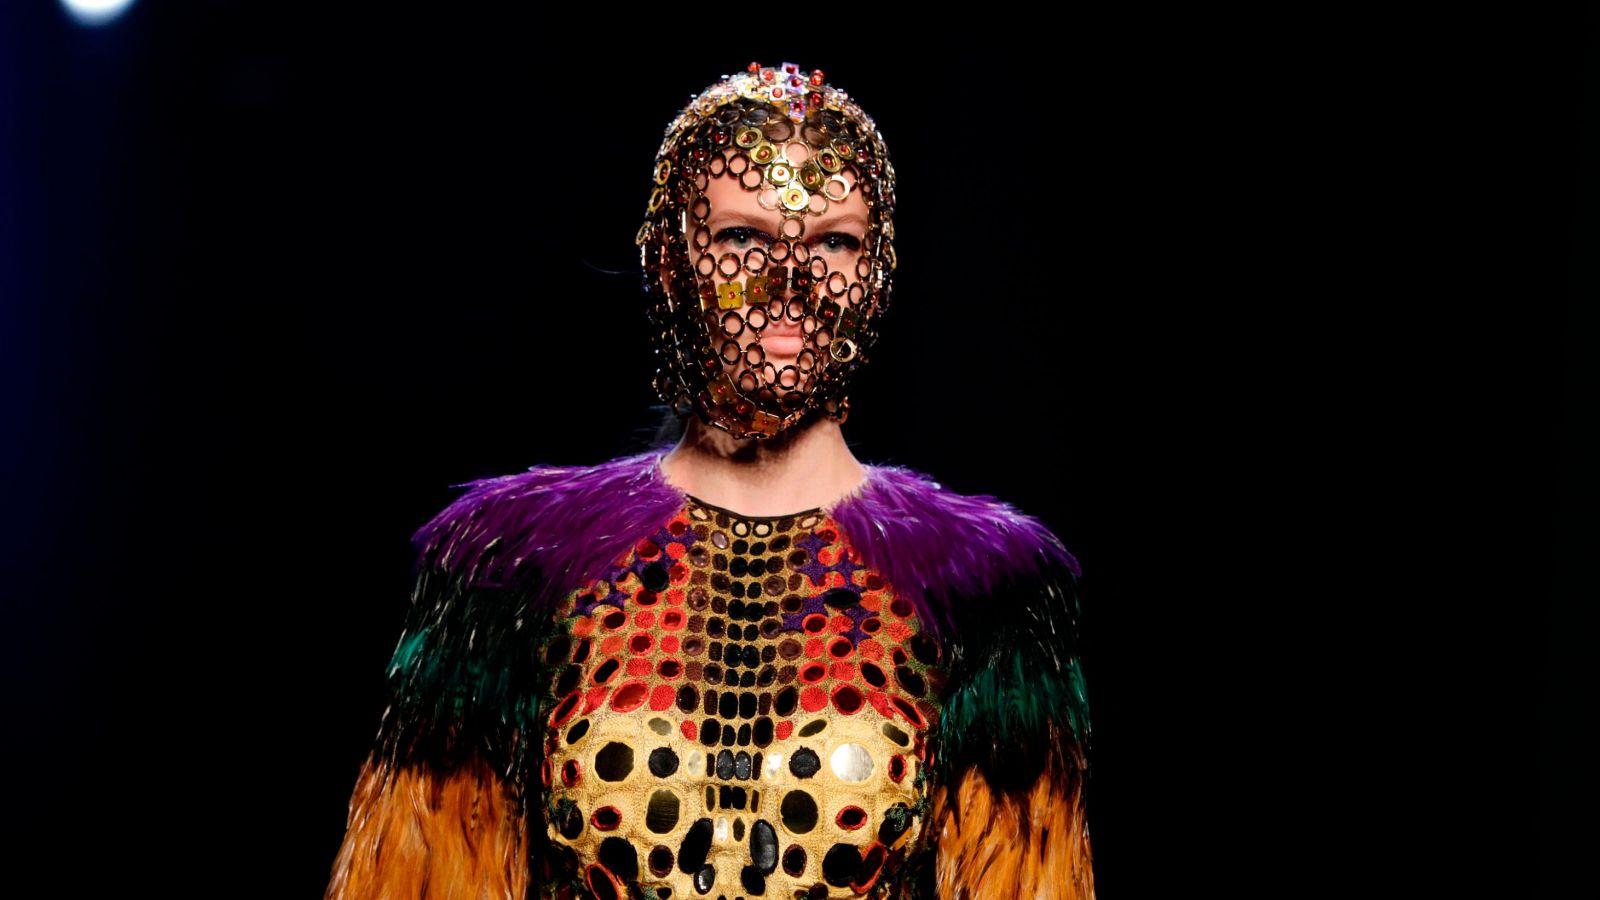 Jean Paul Gaultier: Το τρομερό «παιδί» της μόδας κάνει τις μάσκες τέχνη [pics]